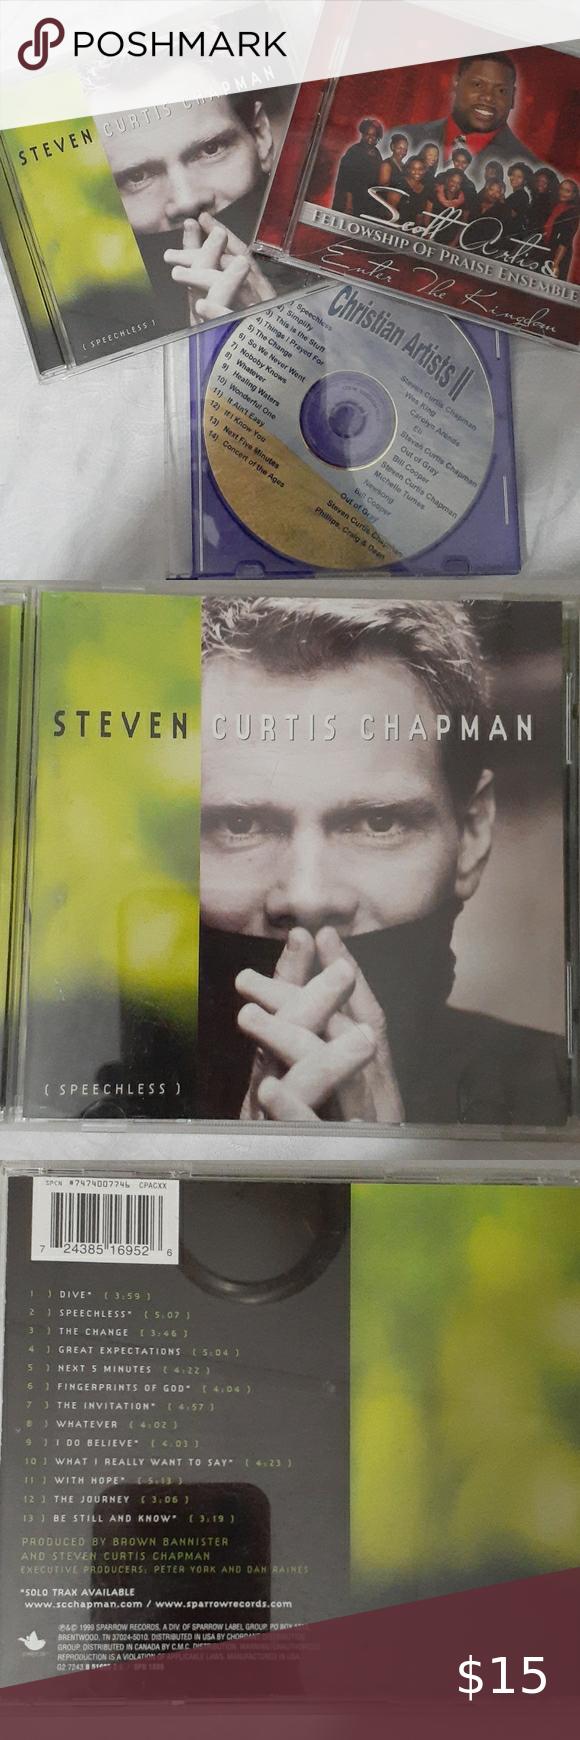 Christian 3 Cds Steven Curtis Chapman More Christian Artists Steven Christian